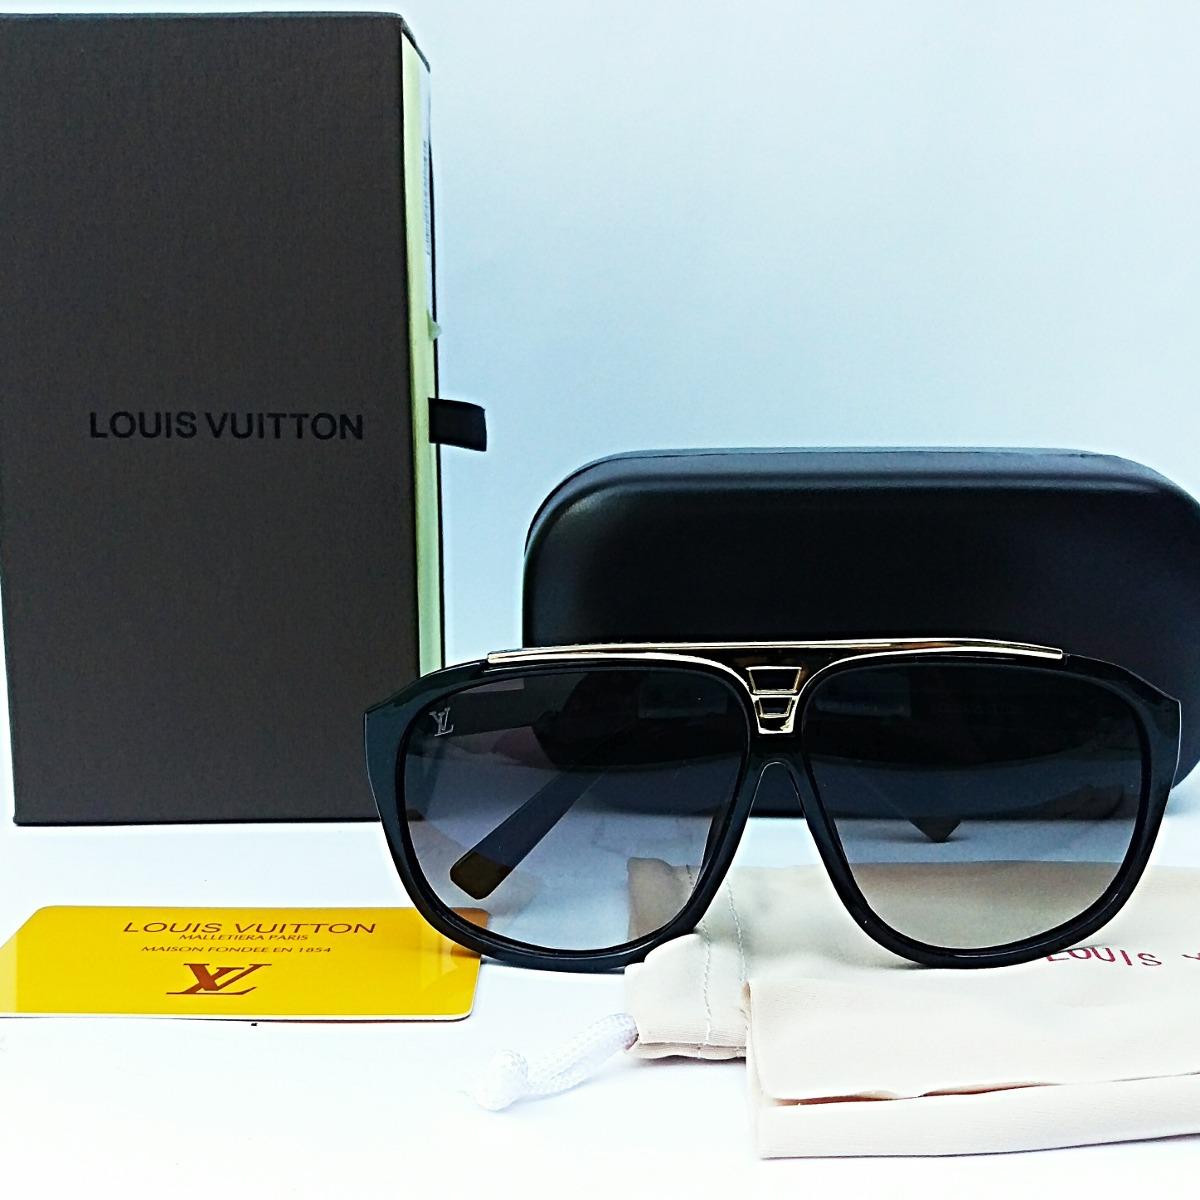 b91ca4e7a Lentes Louis Vuitton Lv Negros - $ 849.00 en Mercado Libre